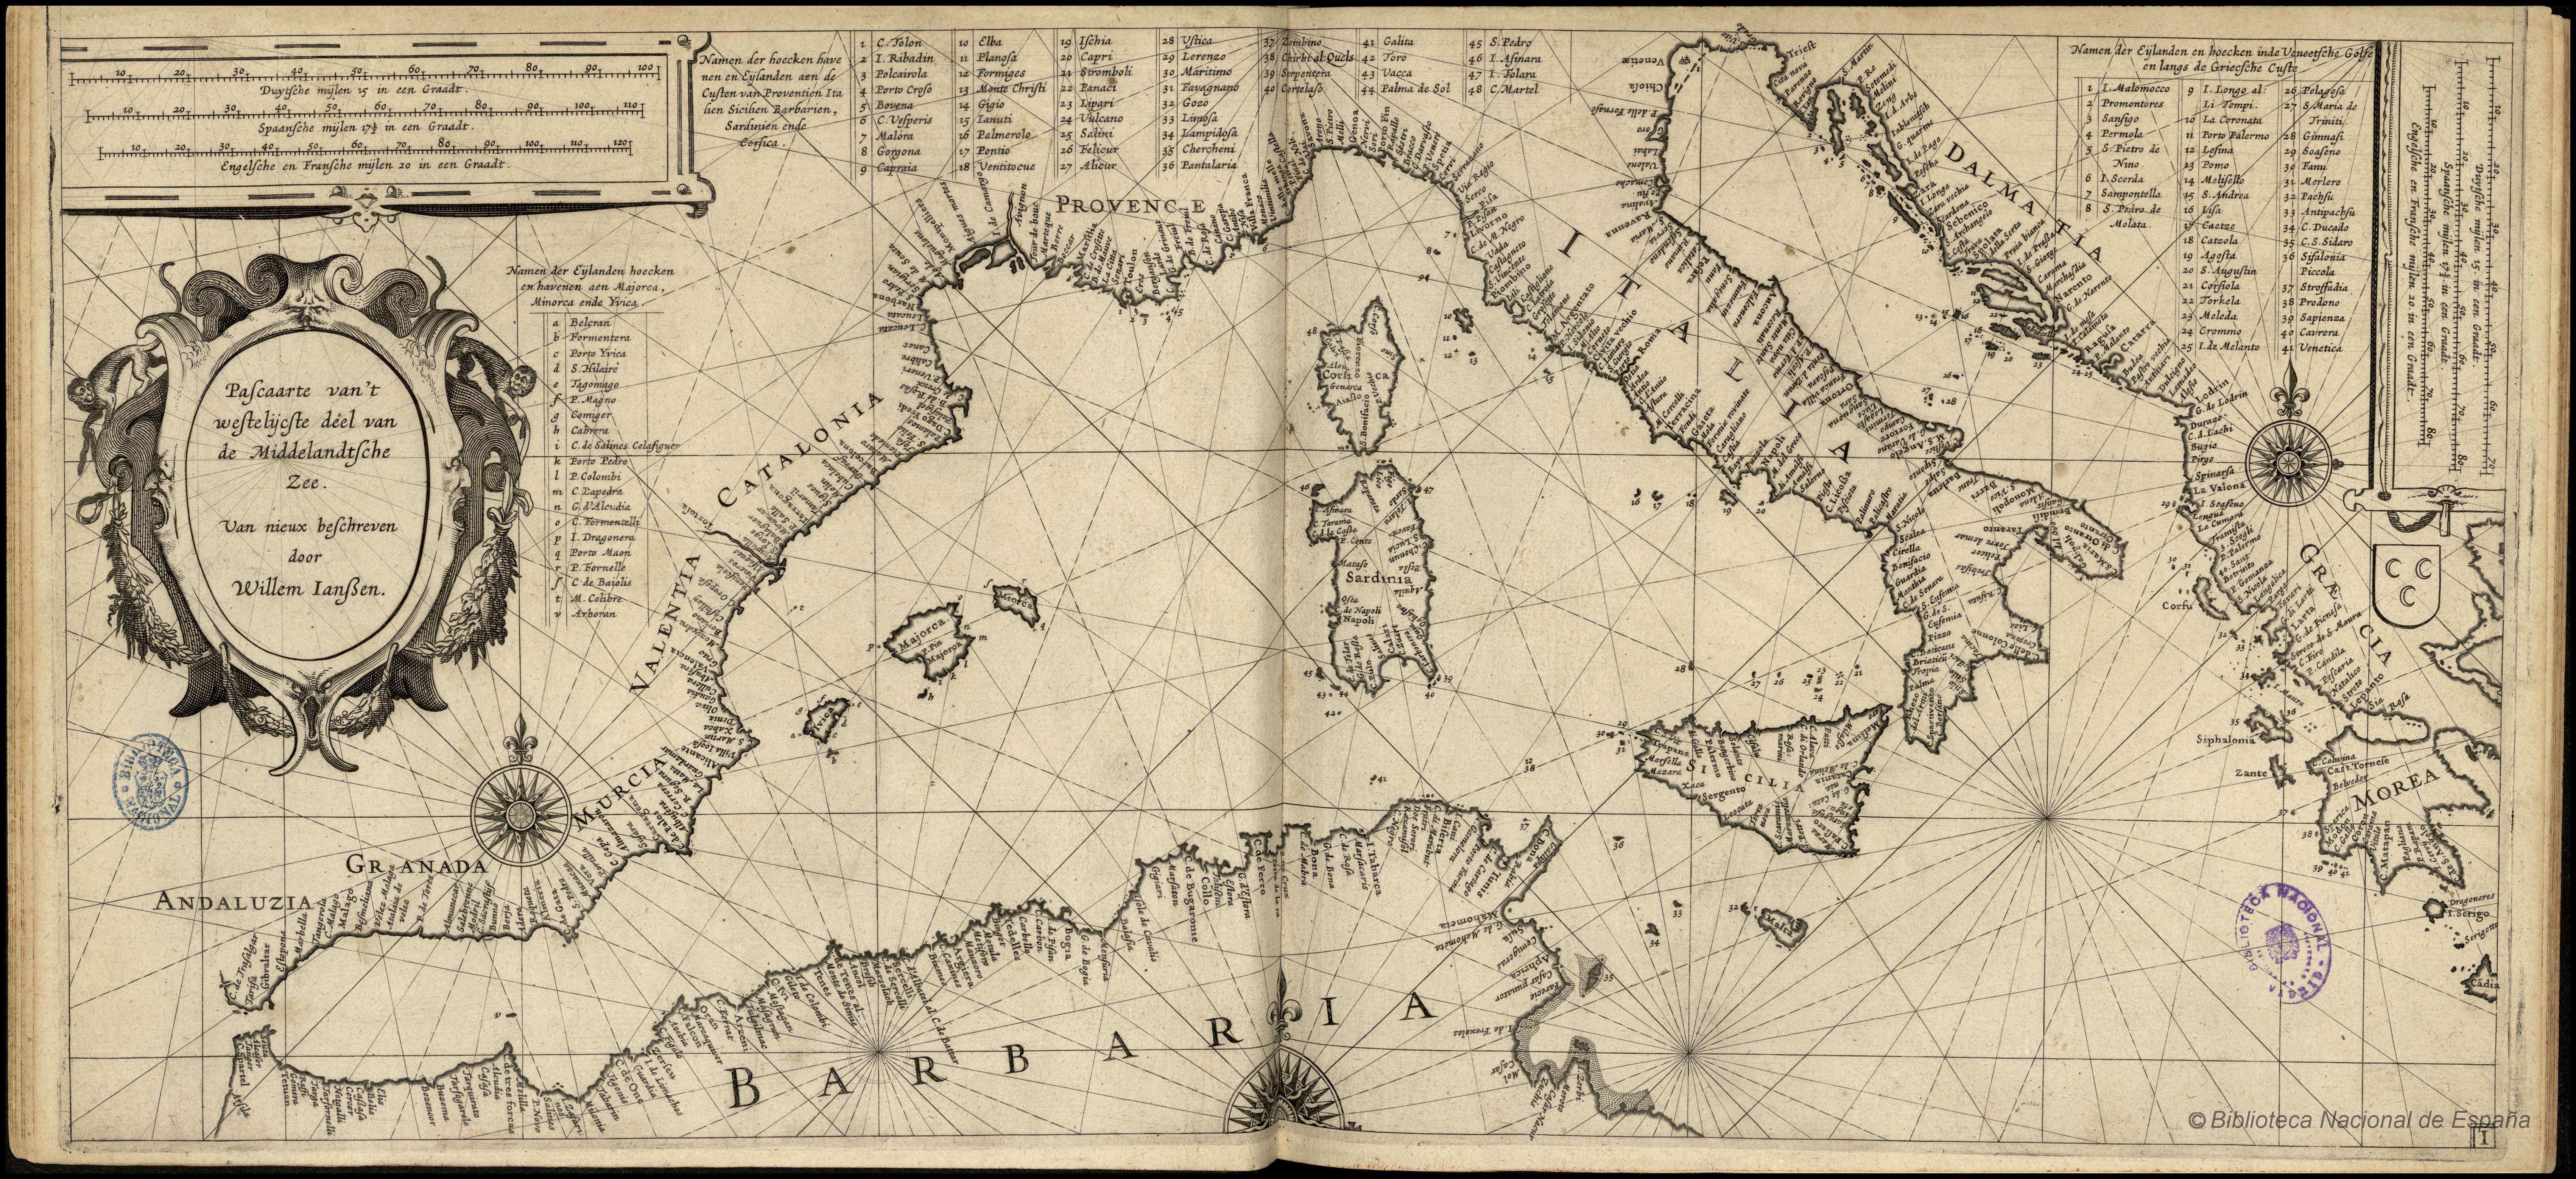 medt-aleman-blaeu-1618